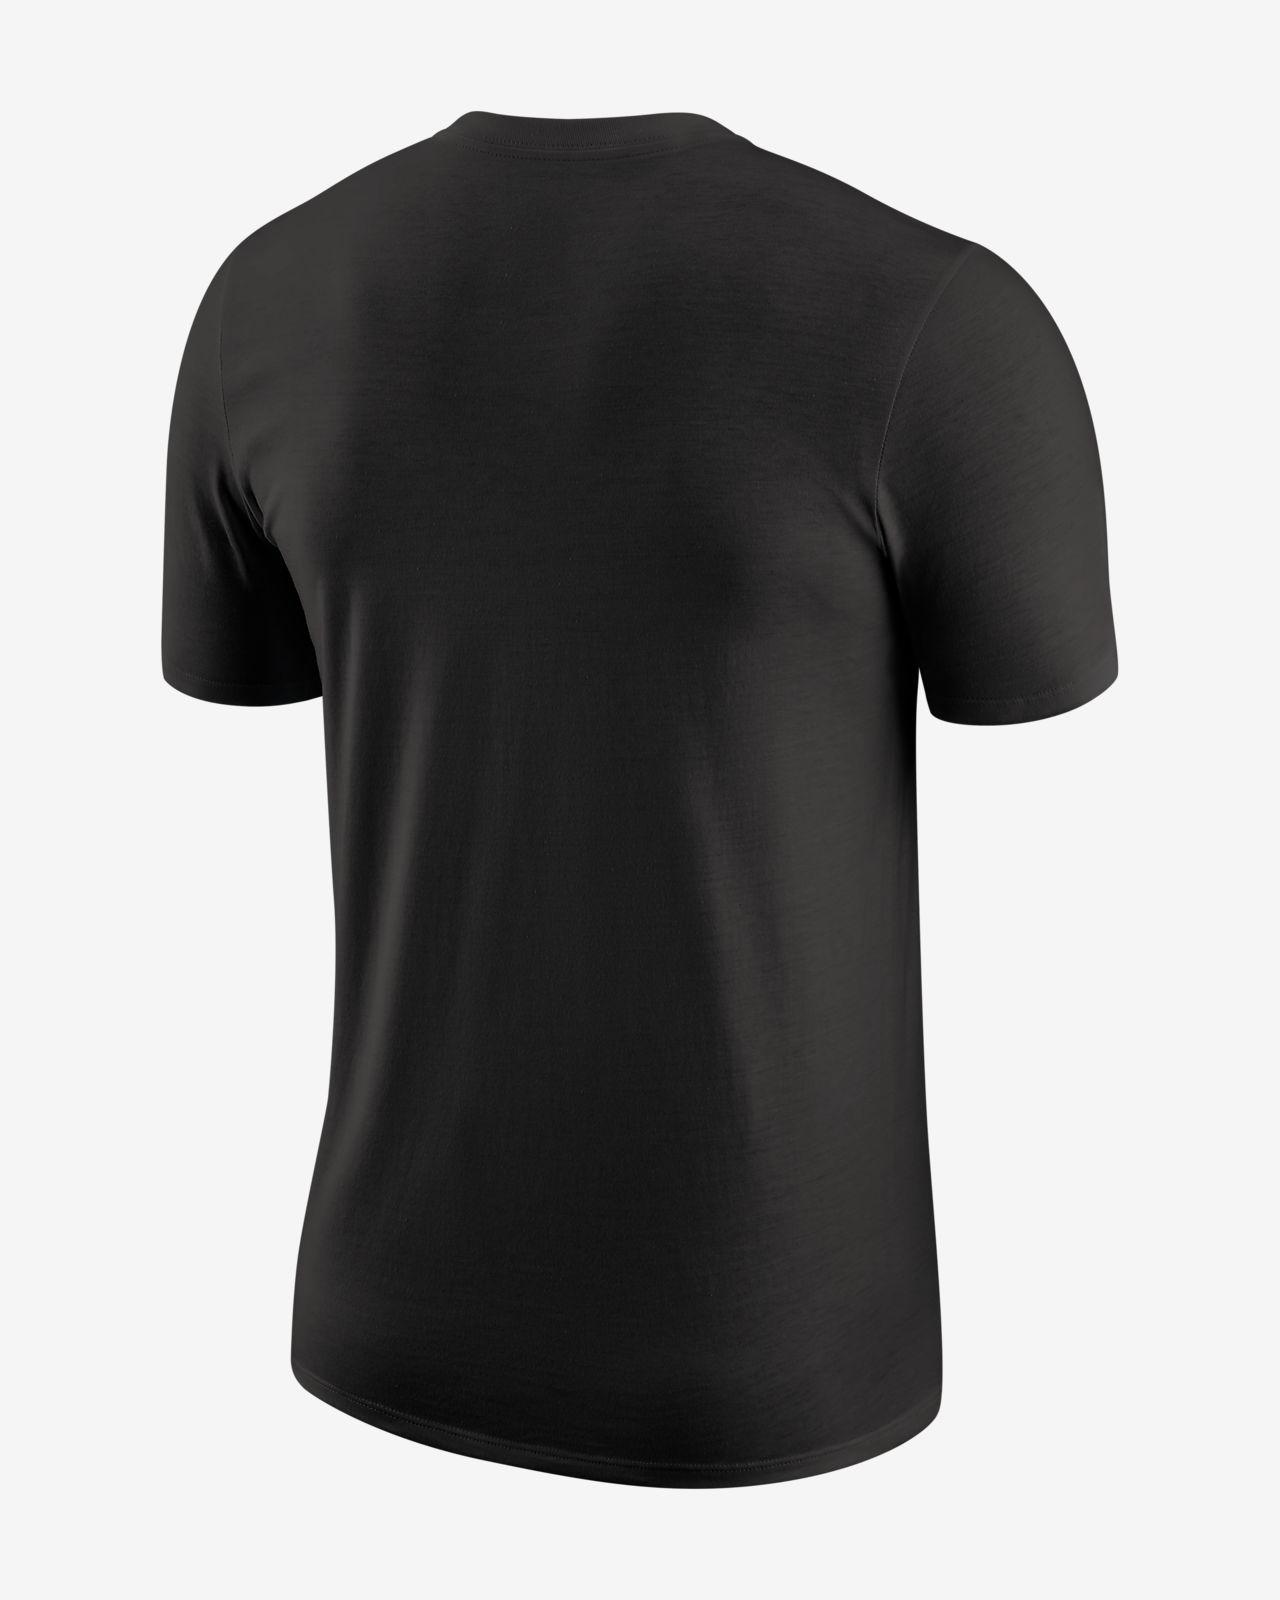 834b8536986 Toronto Raptors Nike Dri-FIT Men s NBA T-Shirt. Nike.com